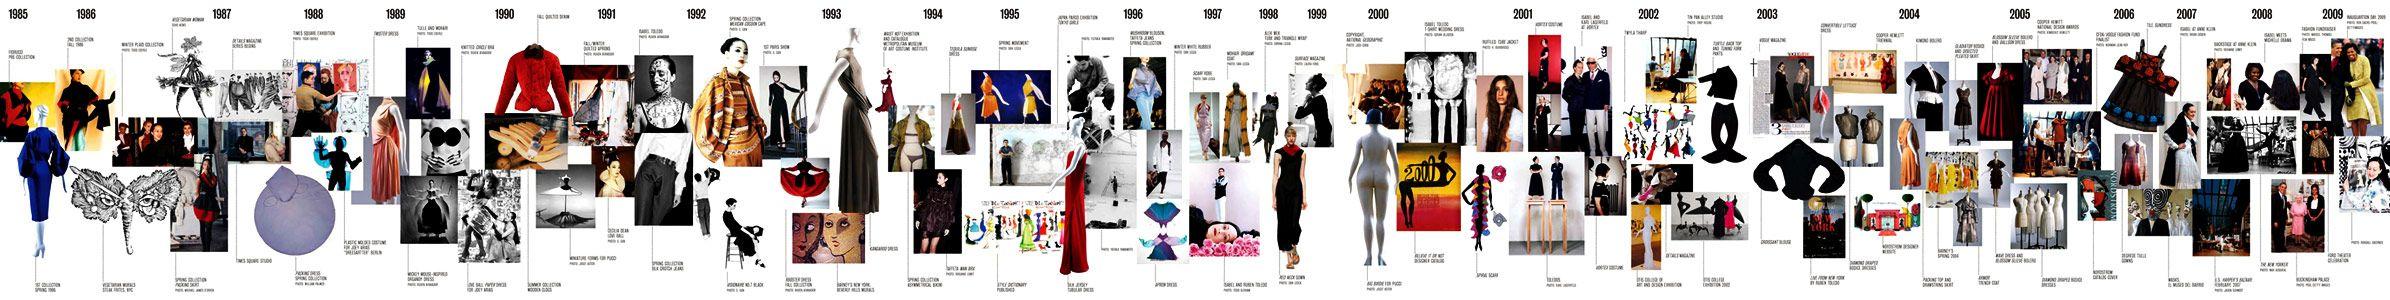 Resultado de imagen para fashion timeline | ropa | Pinterest ...